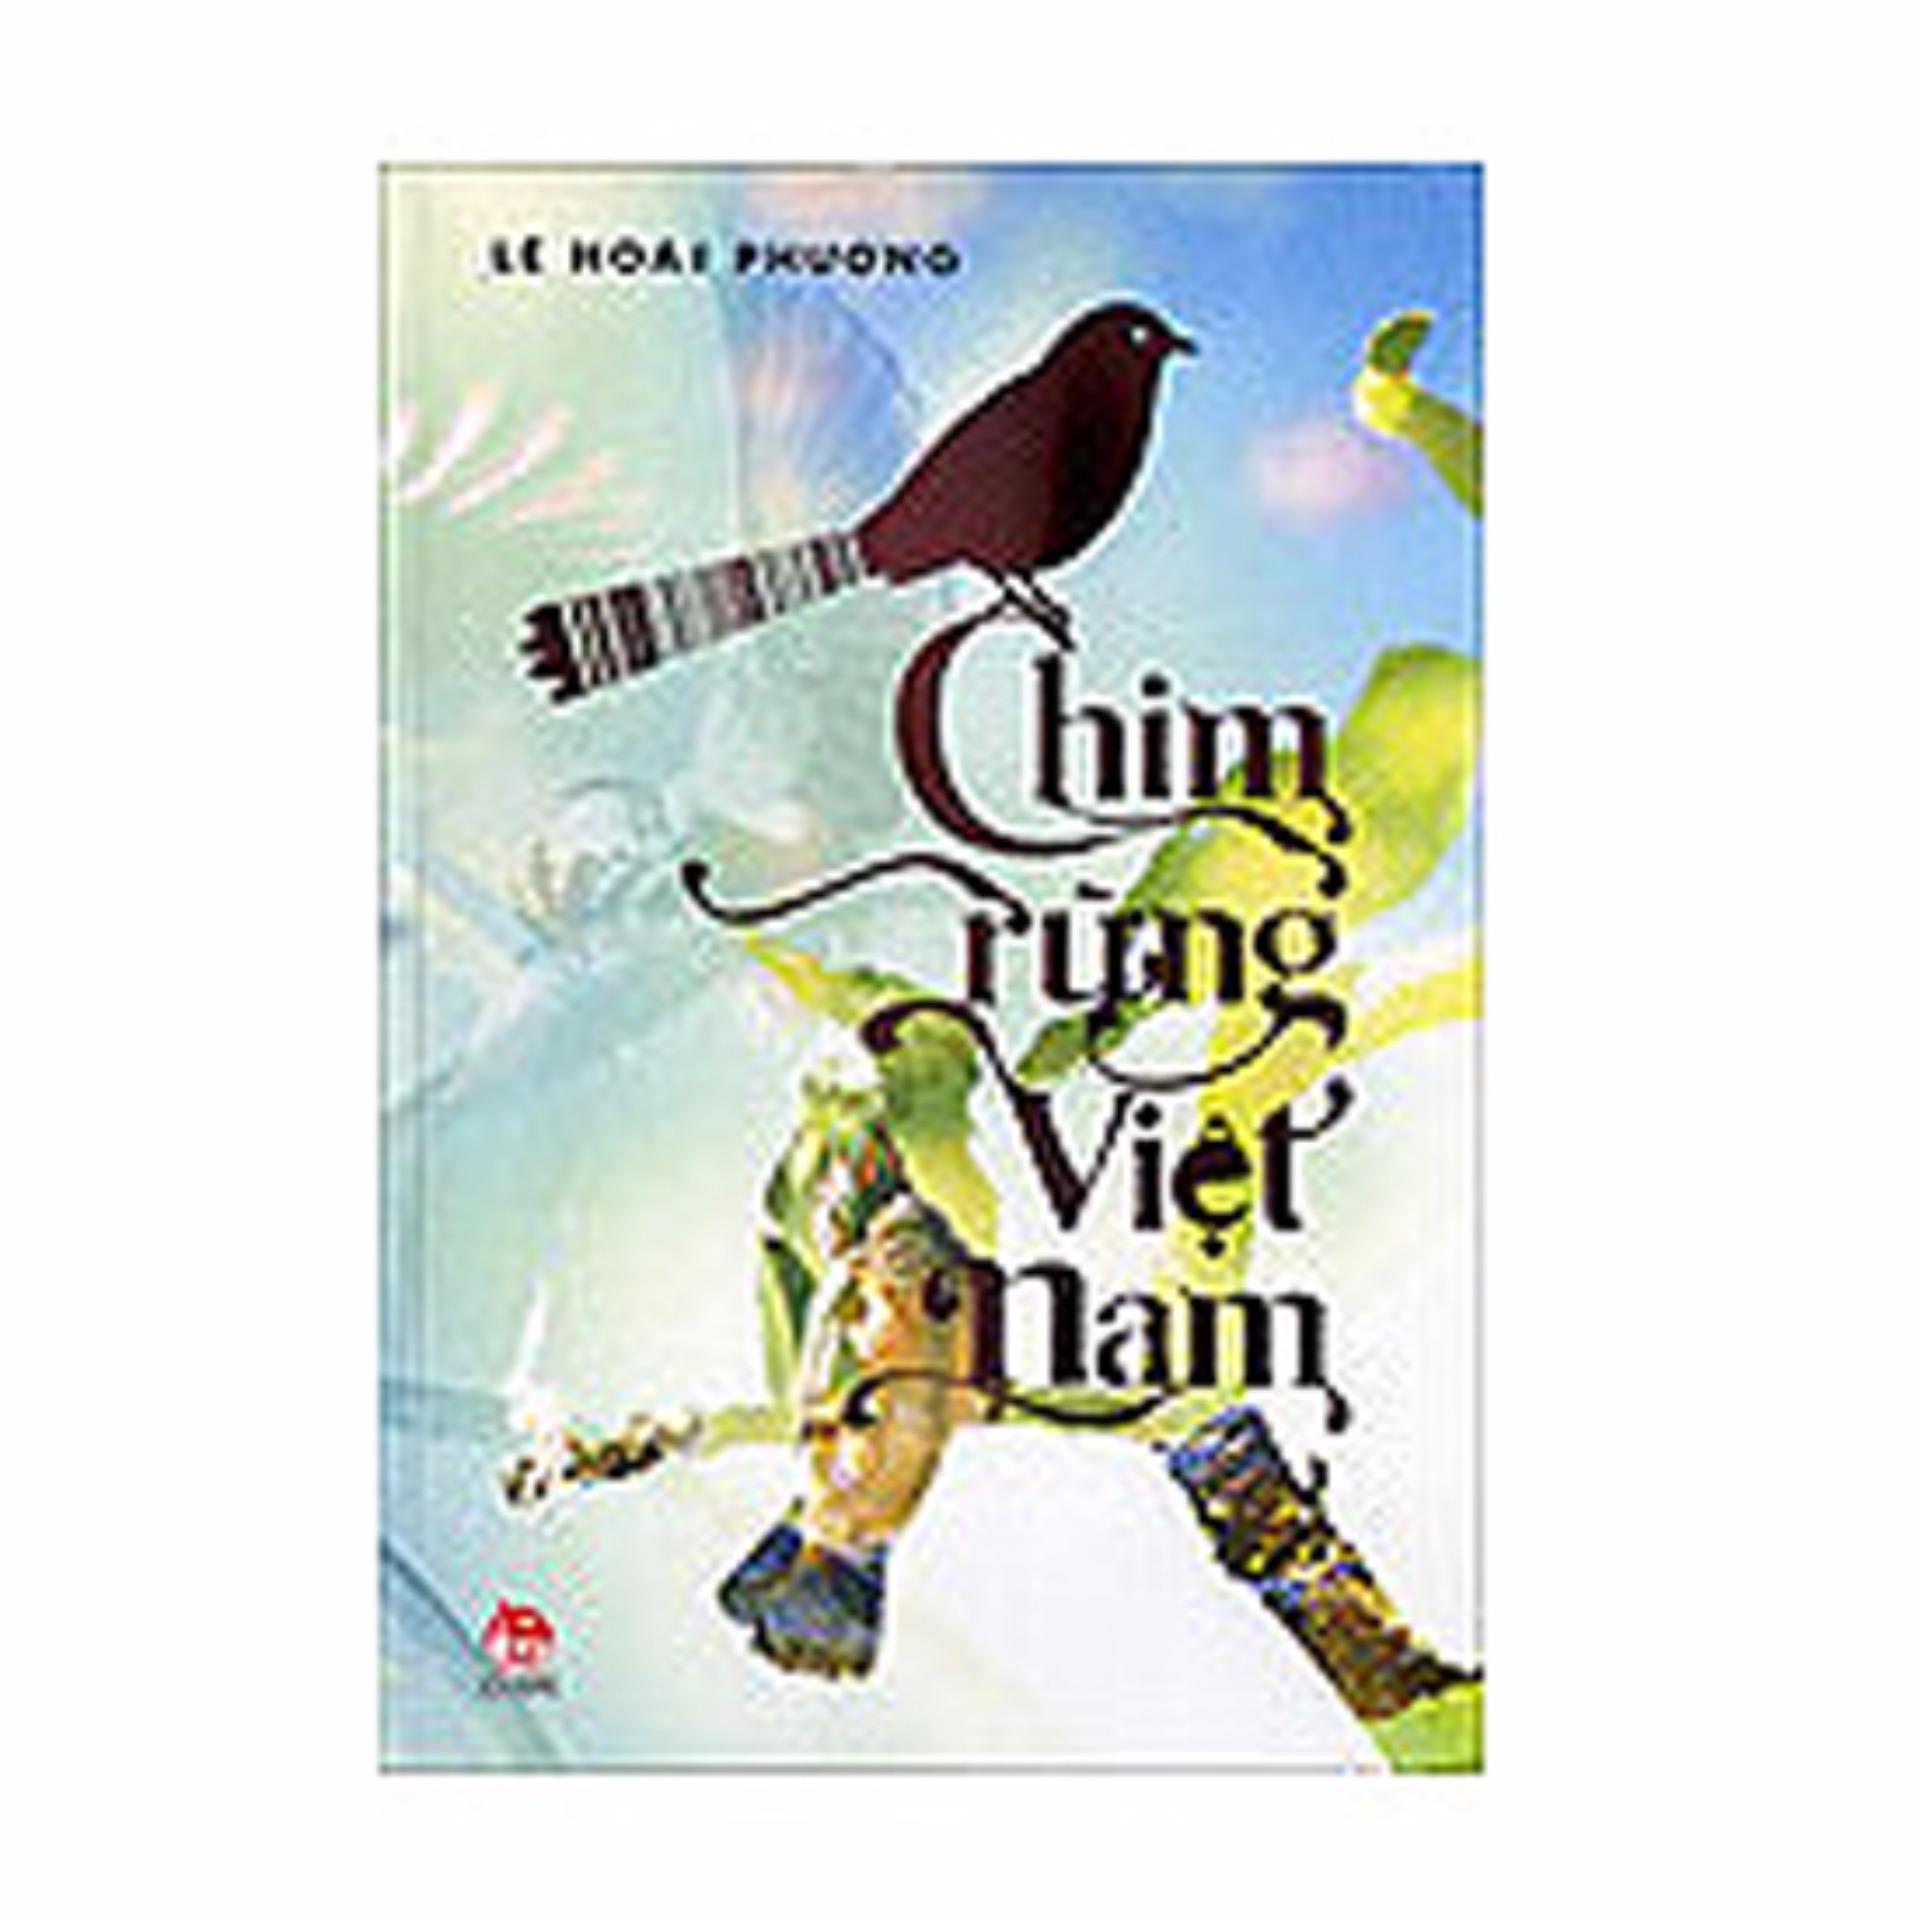 Mua Chim Rừng Việt Nam